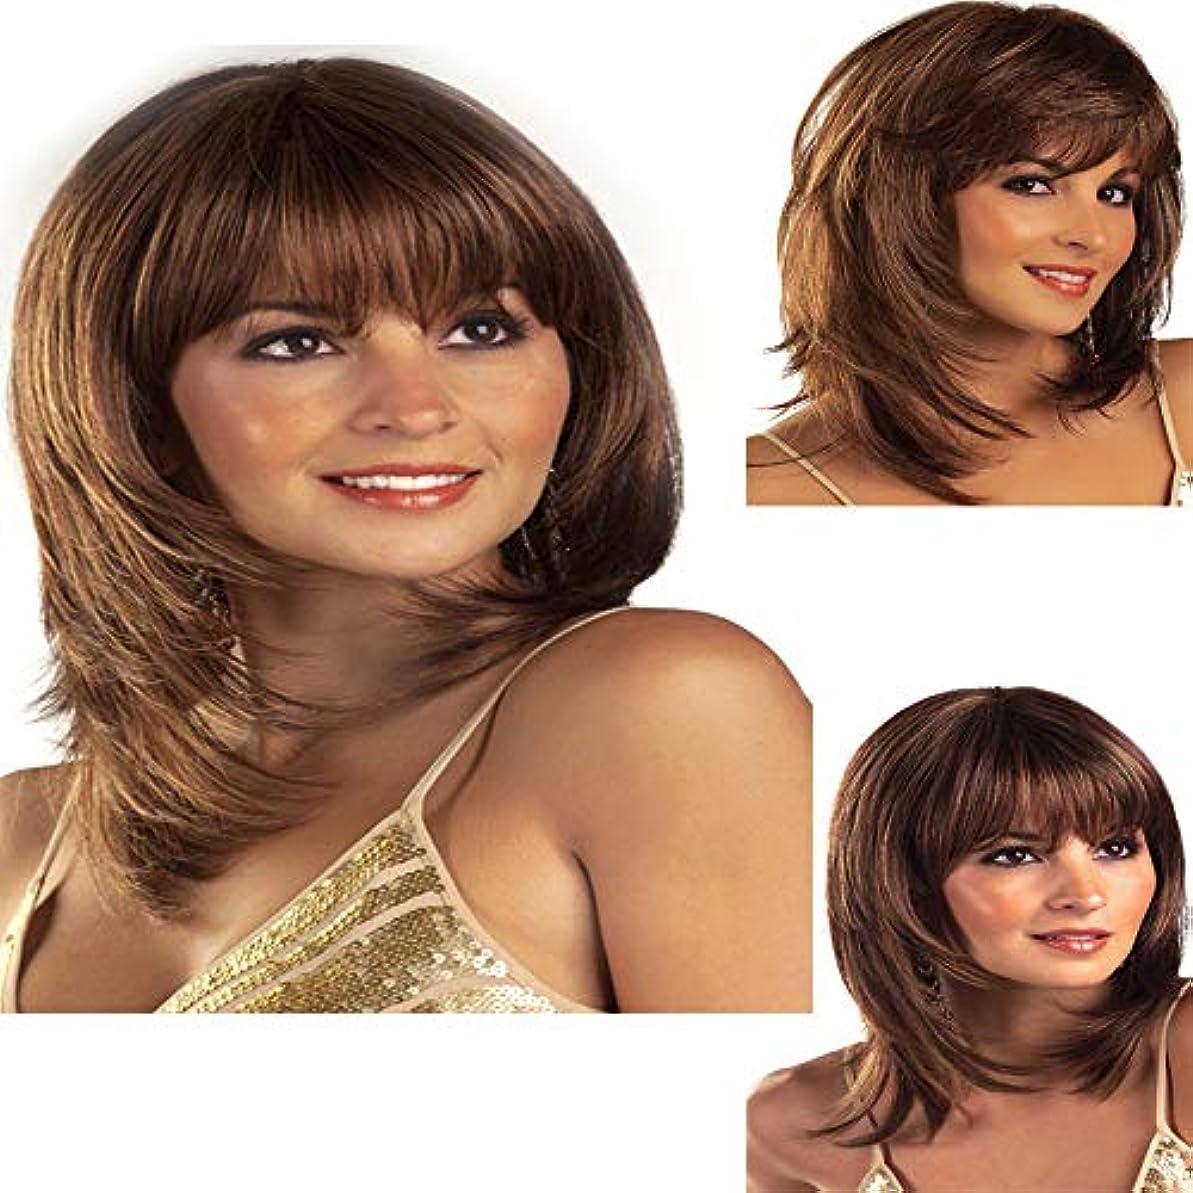 シンプルな間に合わせ妥協毎日のために前髪ショート波状カーリーウィッグ耐熱完全な頭部の髪の交換ウィッグ着用やコスチュームウィッグとダークブラウンの合成ウィッグ